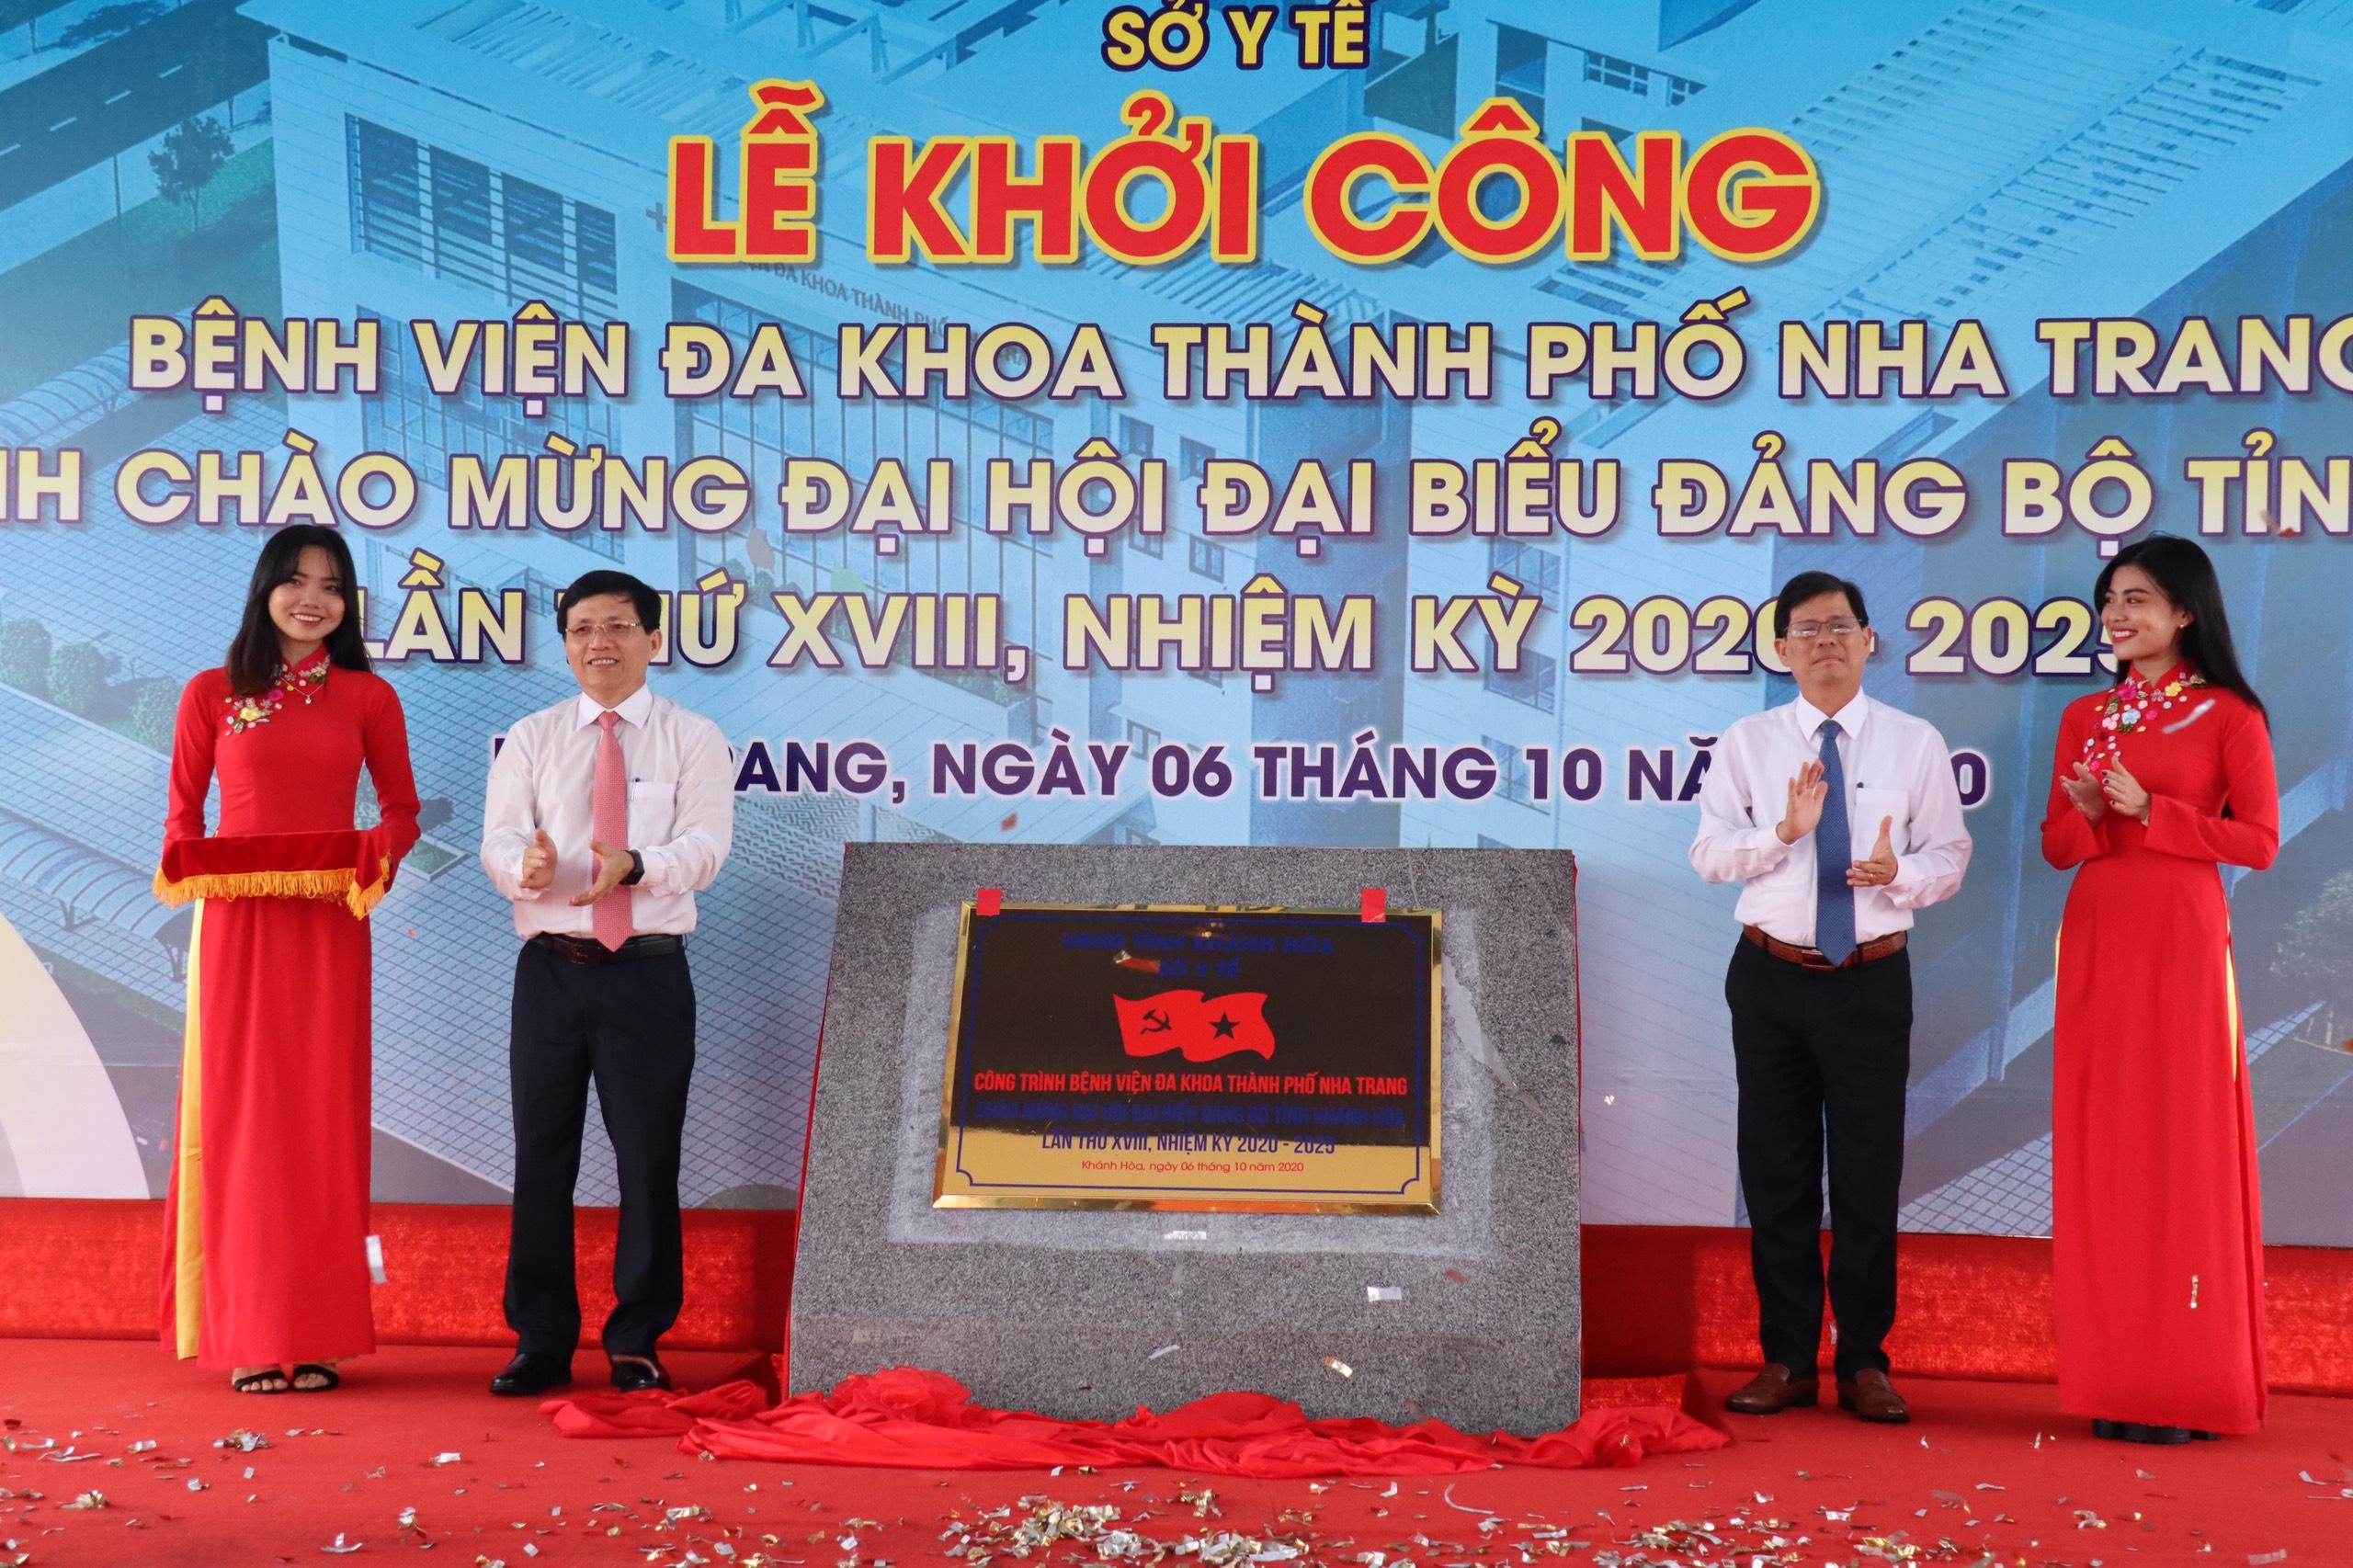 Khánh Hòa: Khởi công dự án Bệnh viện Đa khoa TP Nha Trang 355 tỉ đồng - Ảnh 2.